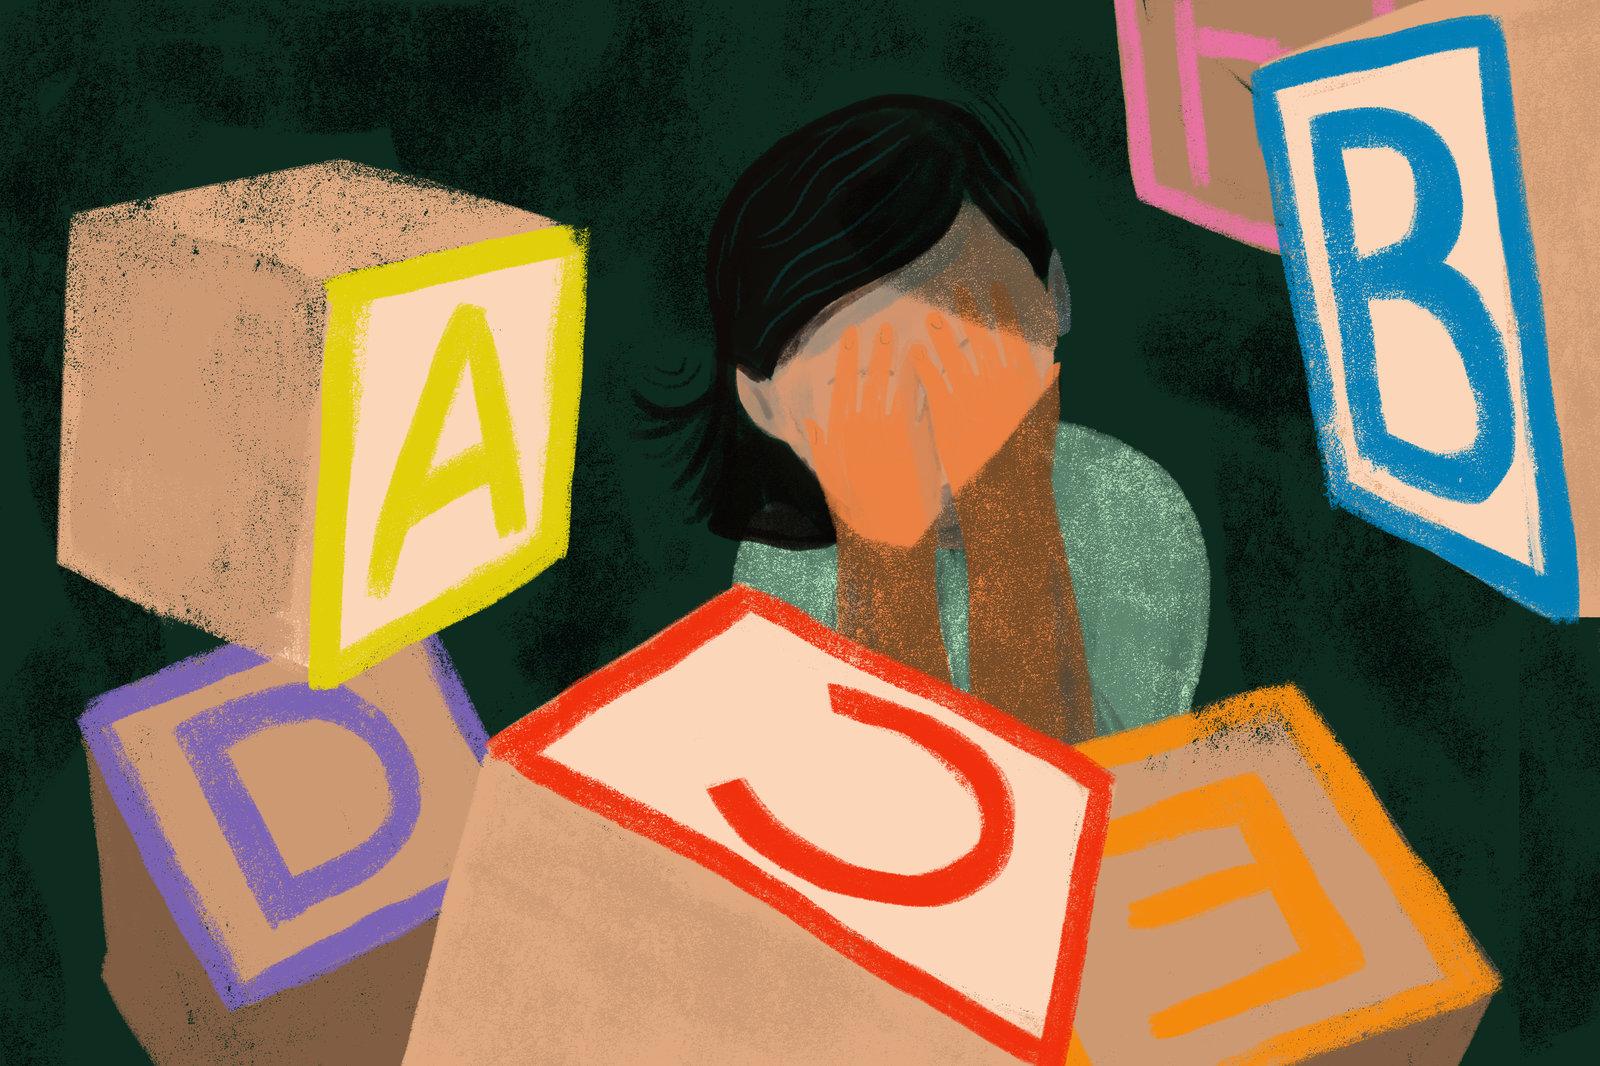 Не лень и не бездарность. Что такое дислексия, как ее выявить и научиться с ней жить